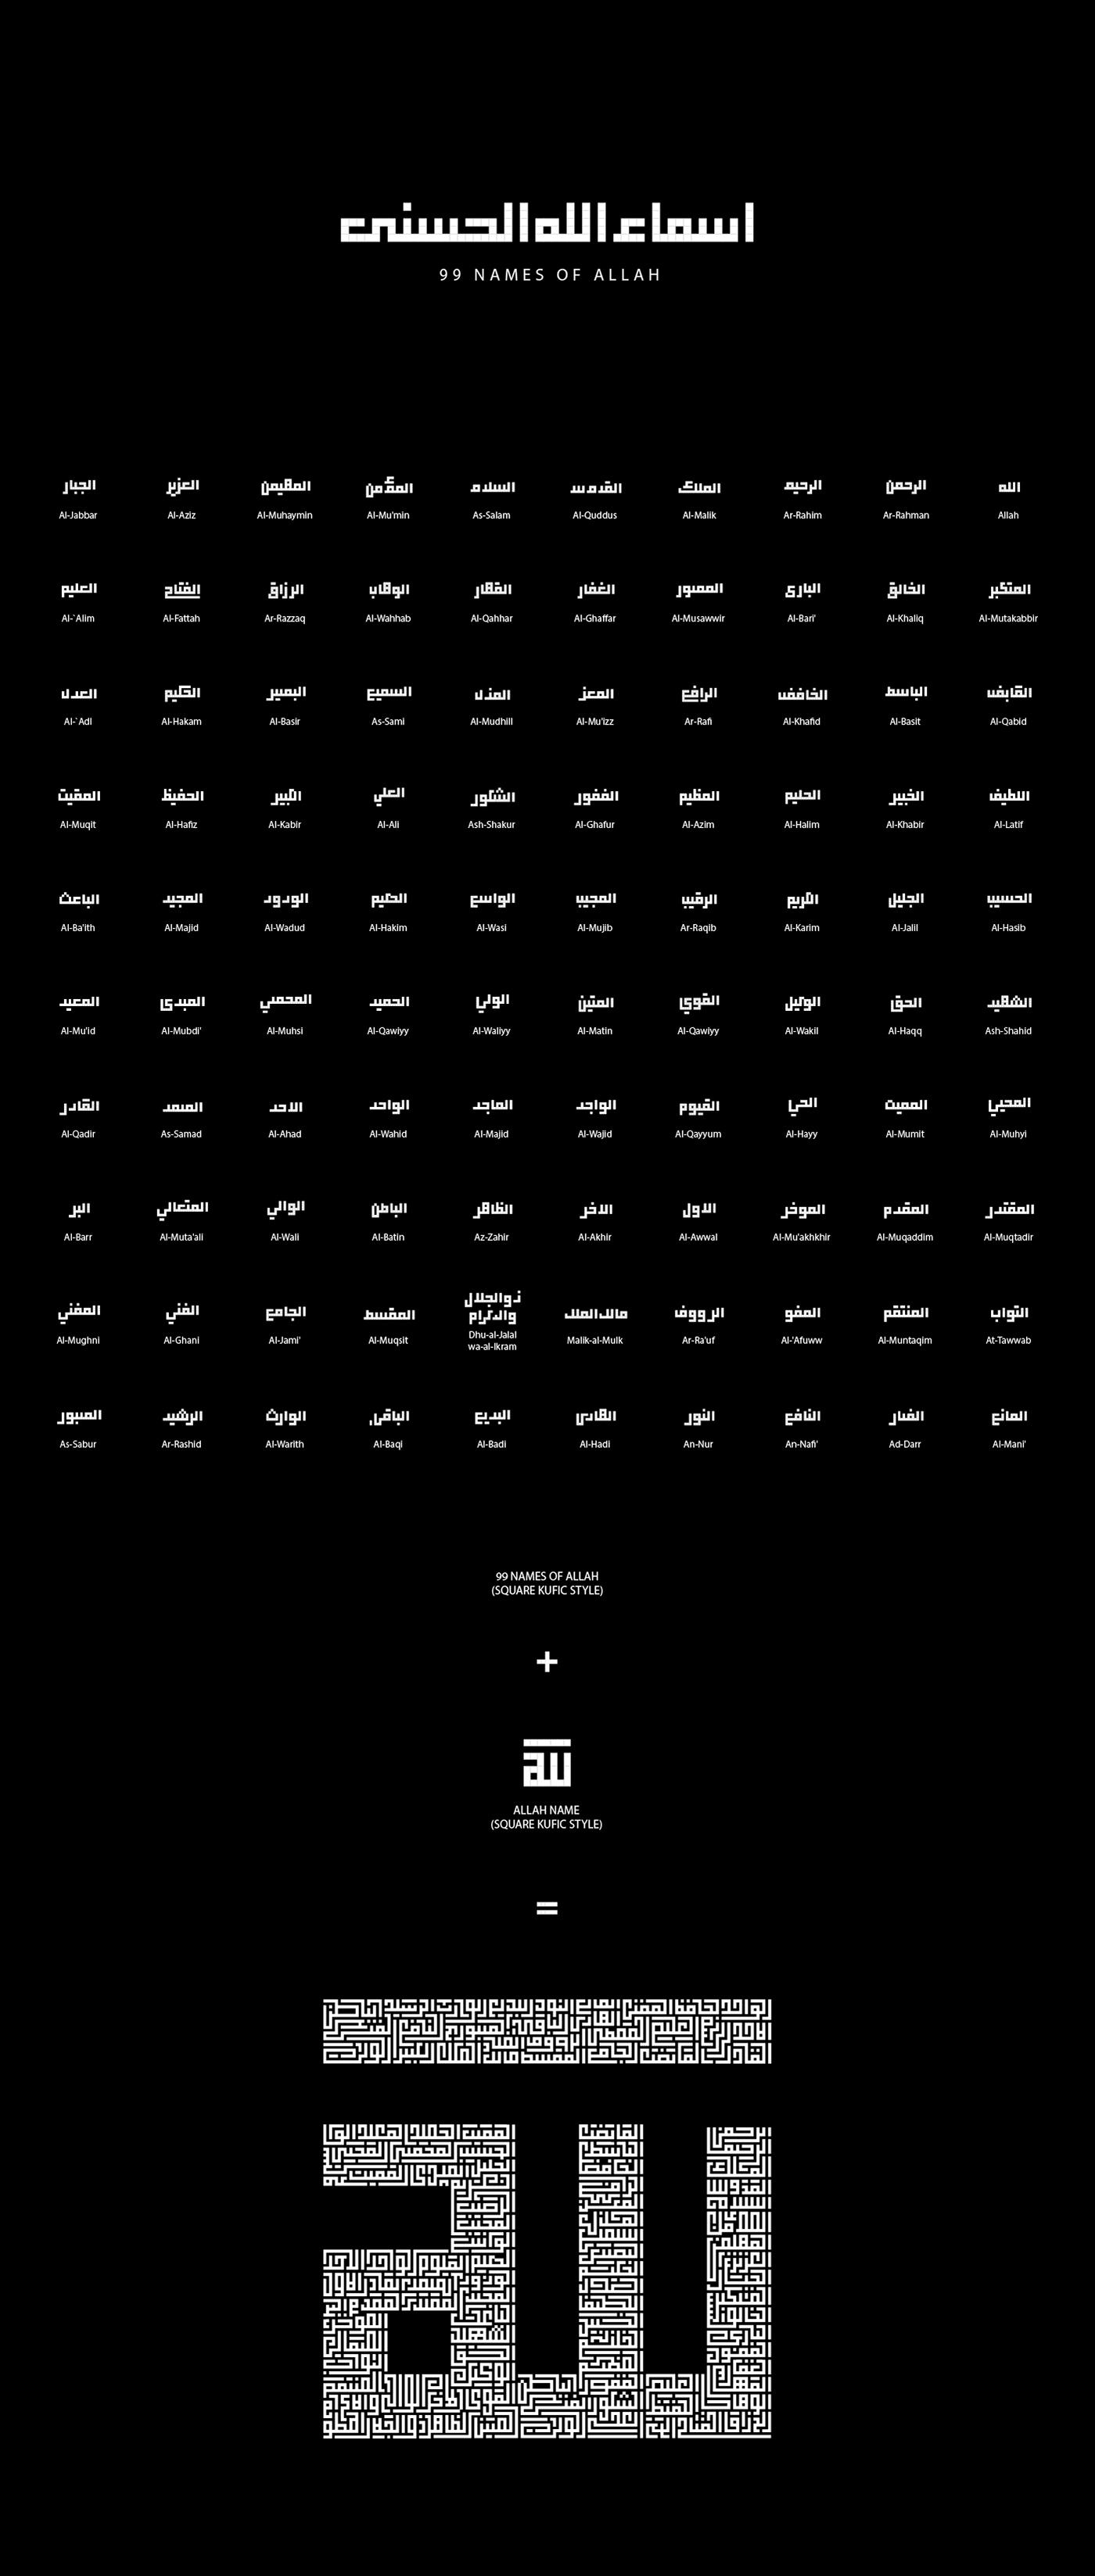 99 Names of Allah on Behance